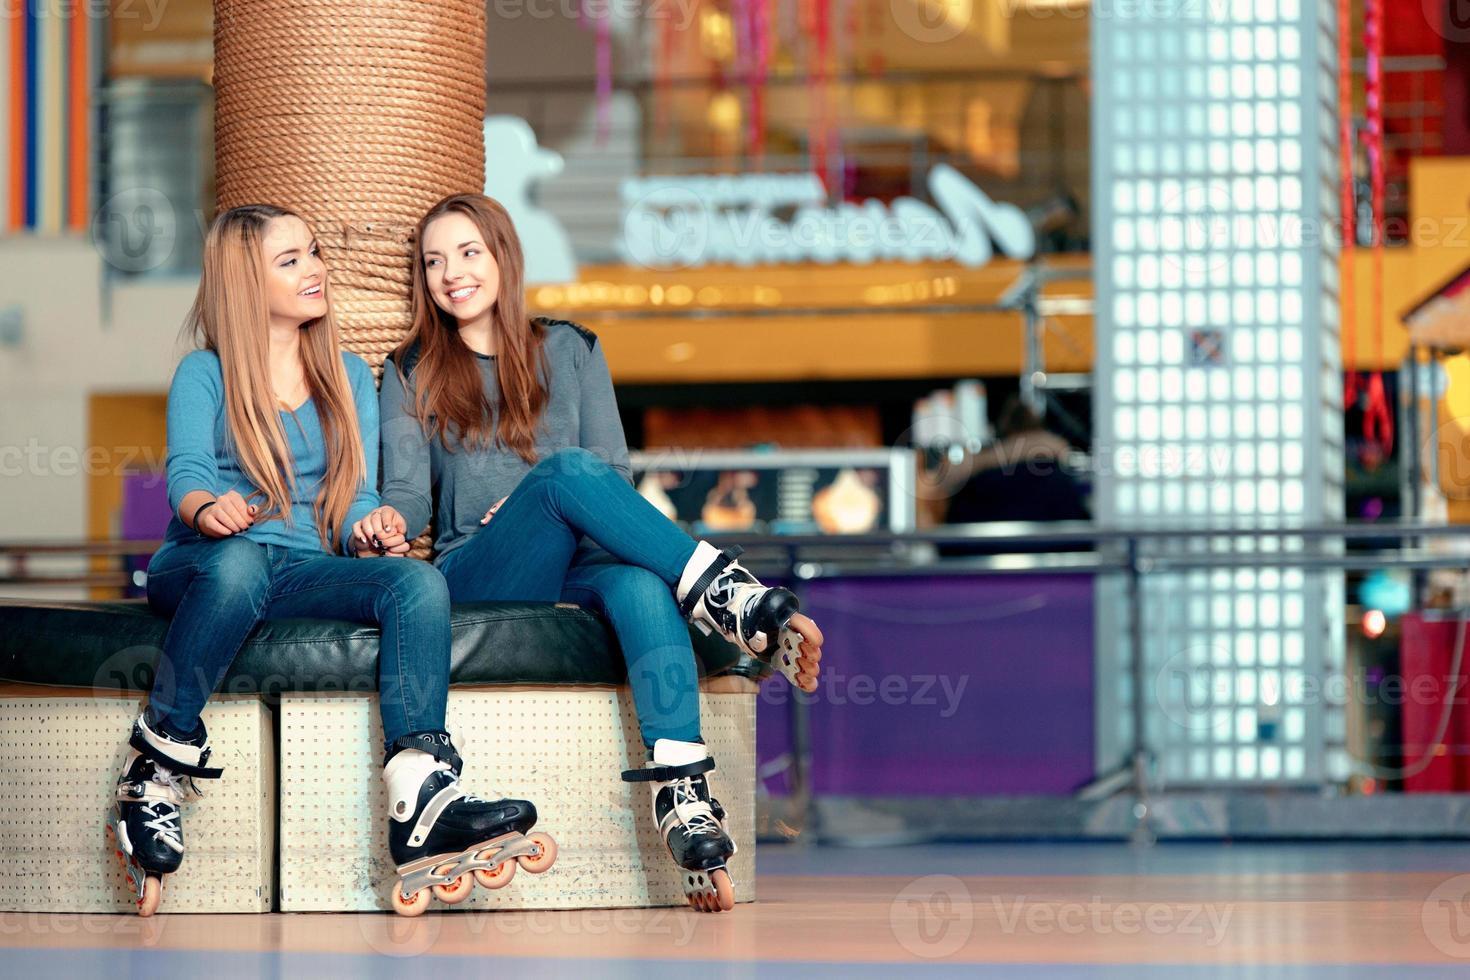 belle ragazze sul rollerdrome foto